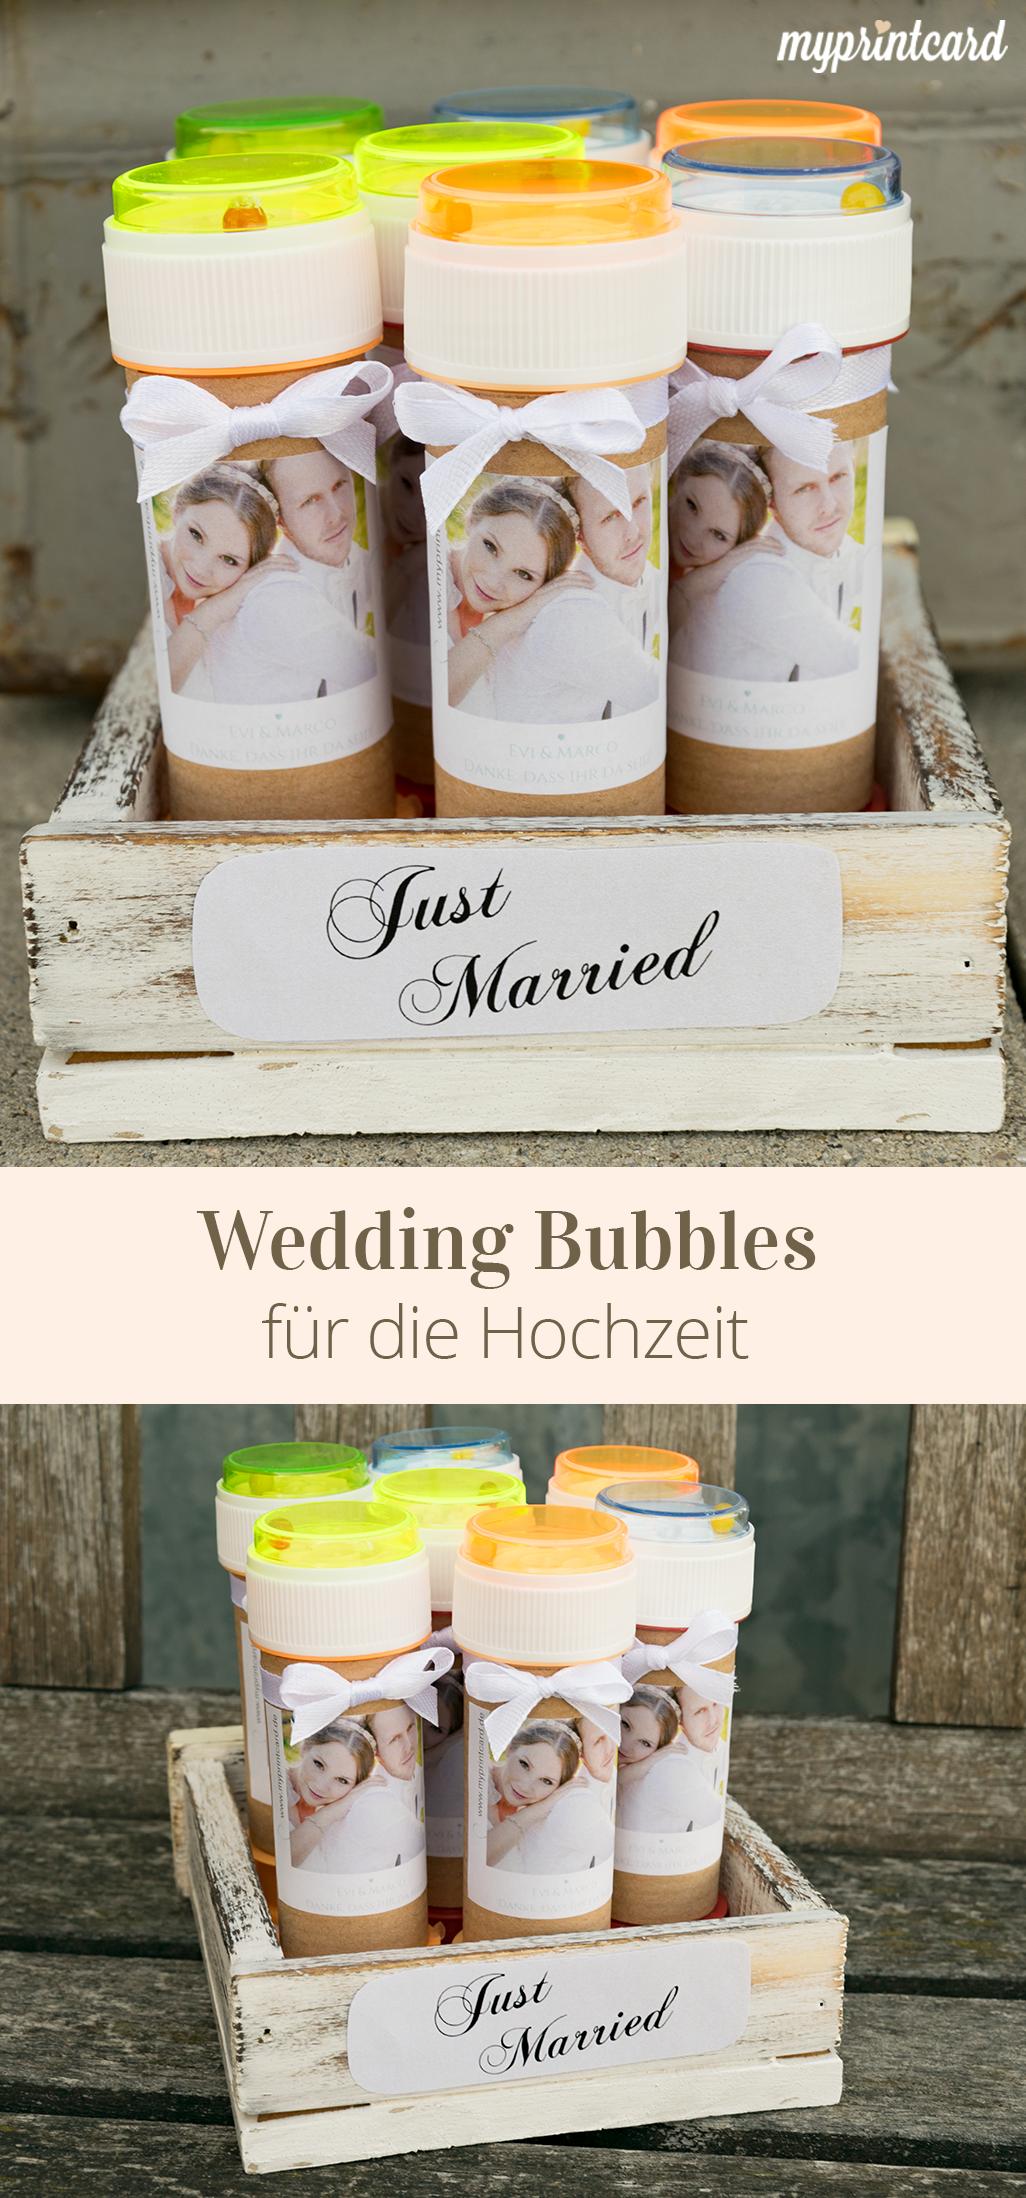 Voll Im Trend Wedding Bubbles Fur Die Hochzeit Die Seifenblasen Konnt Ihr Als Kleines Gastgeschenk Vorbereiten Und E